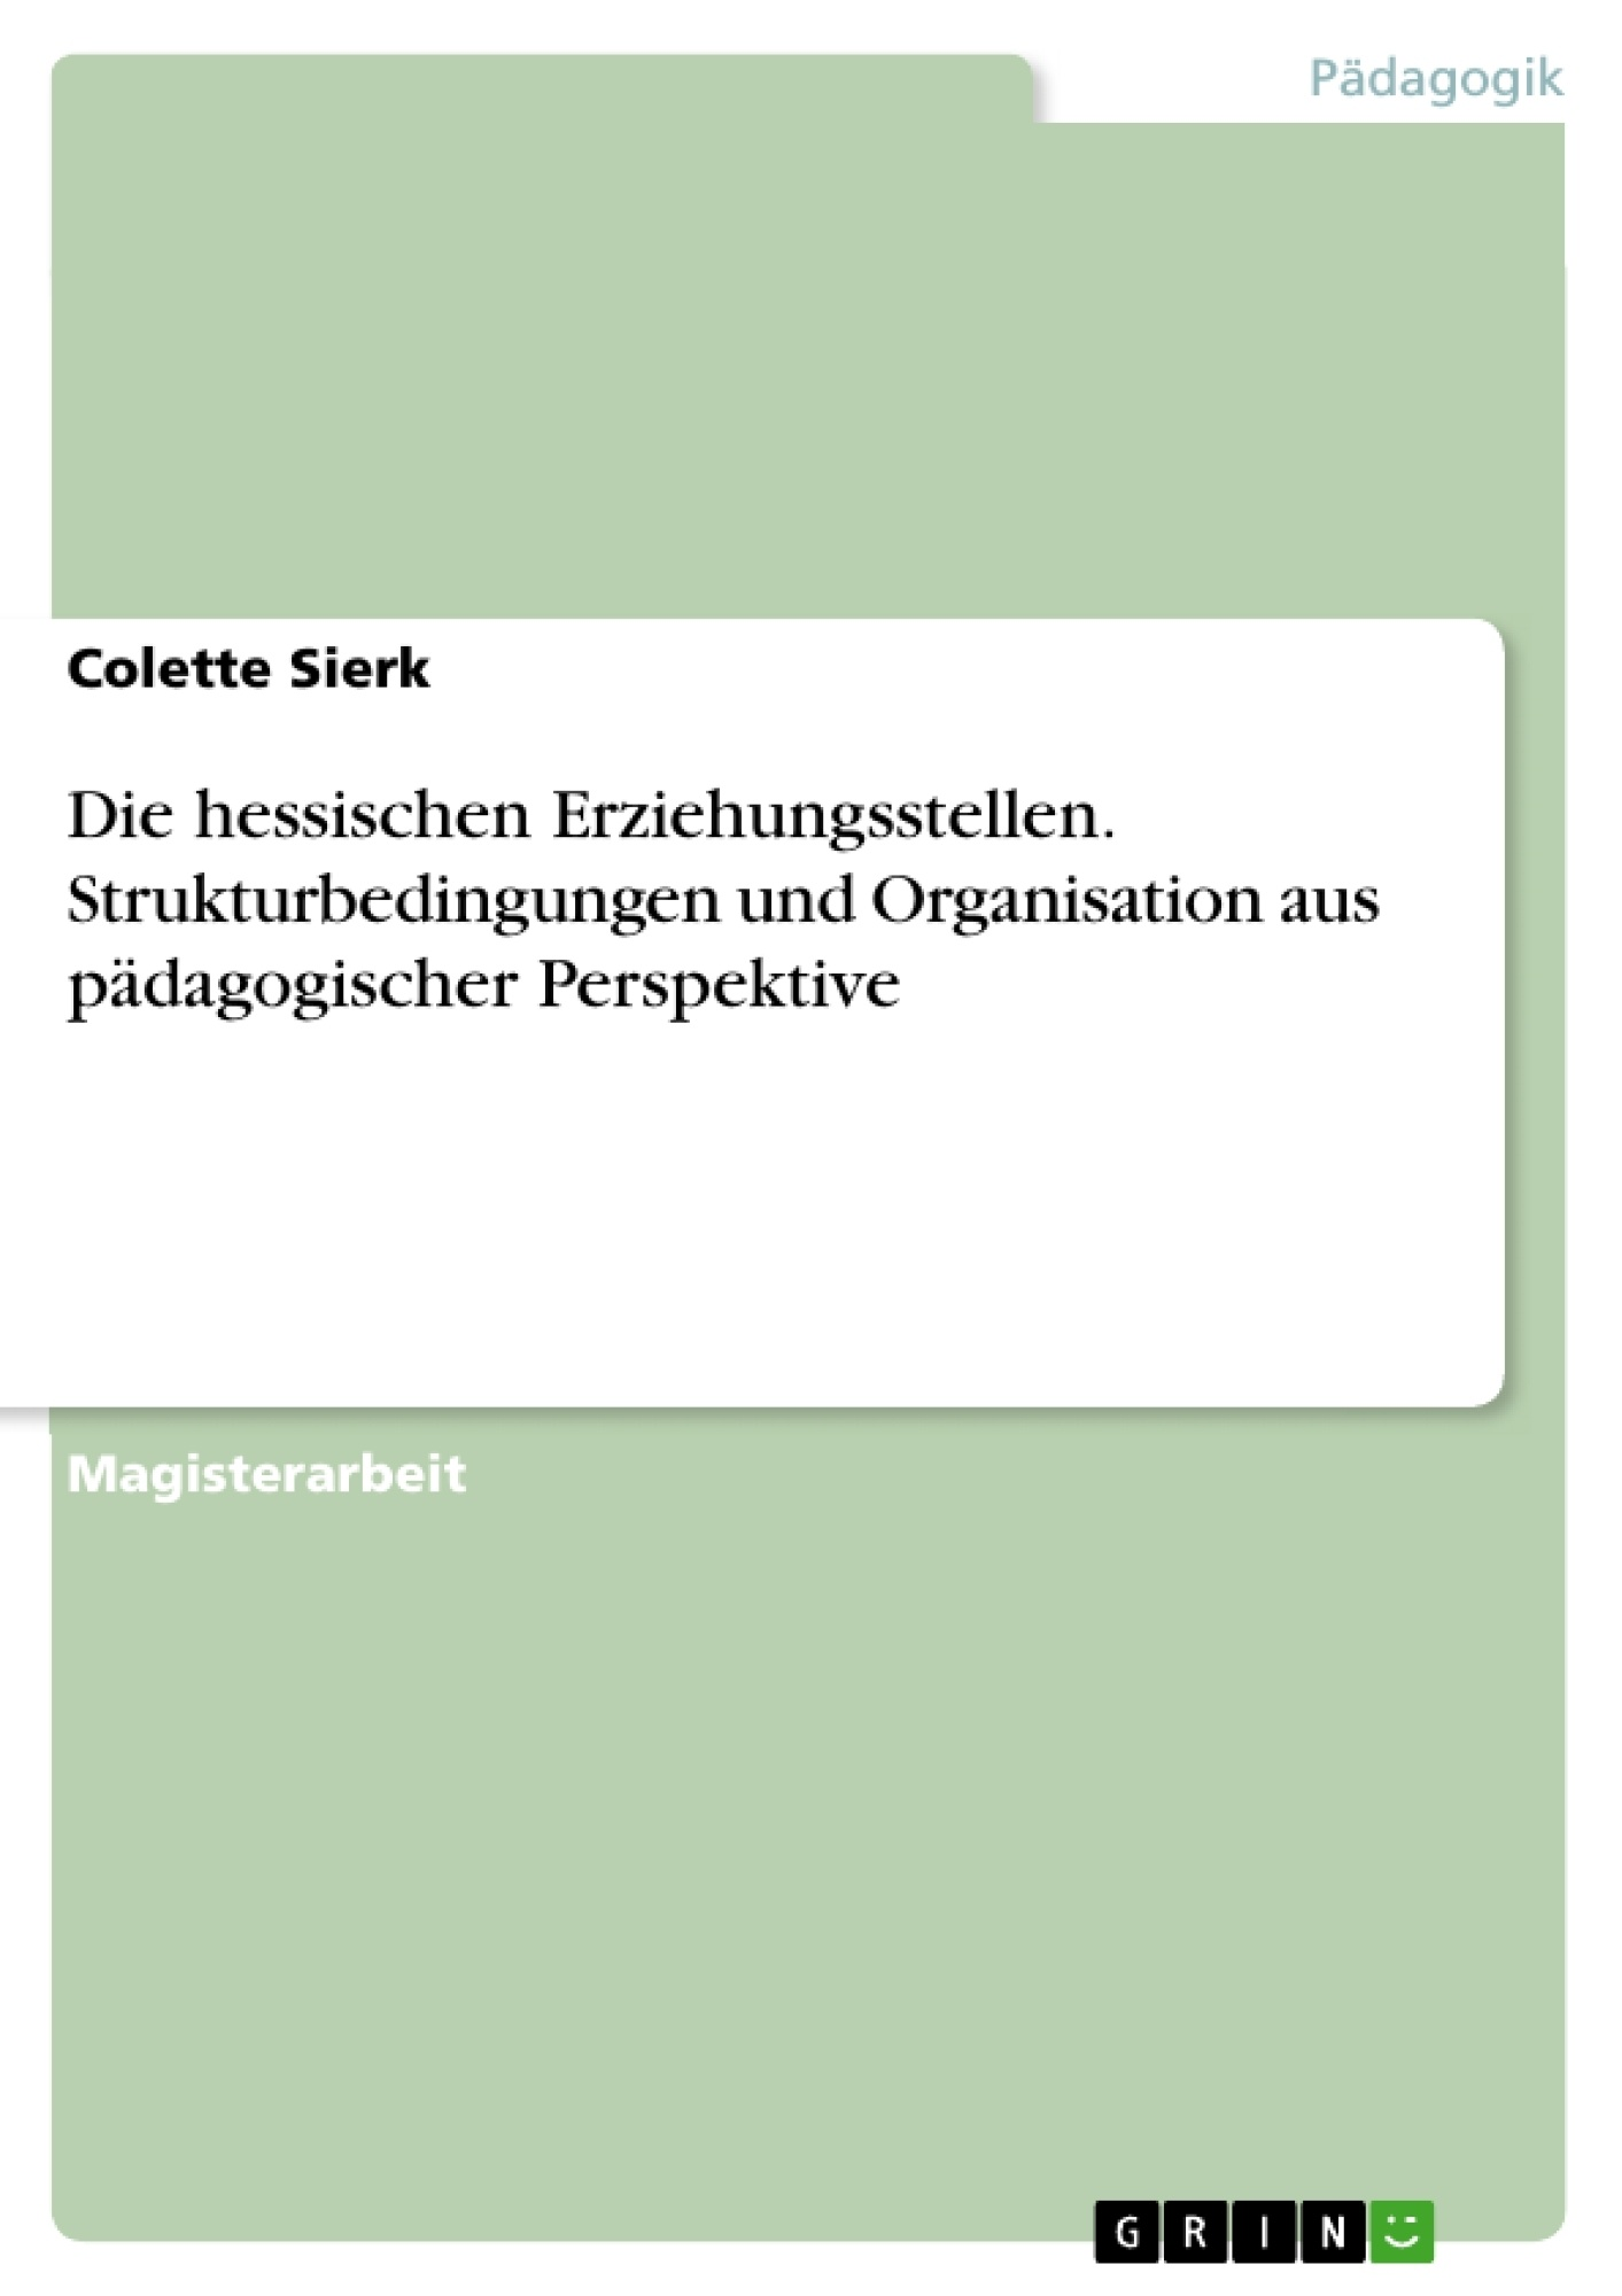 Titel: Die hessischen Erziehungsstellen. Strukturbedingungen und Organisation aus pädagogischer Perspektive